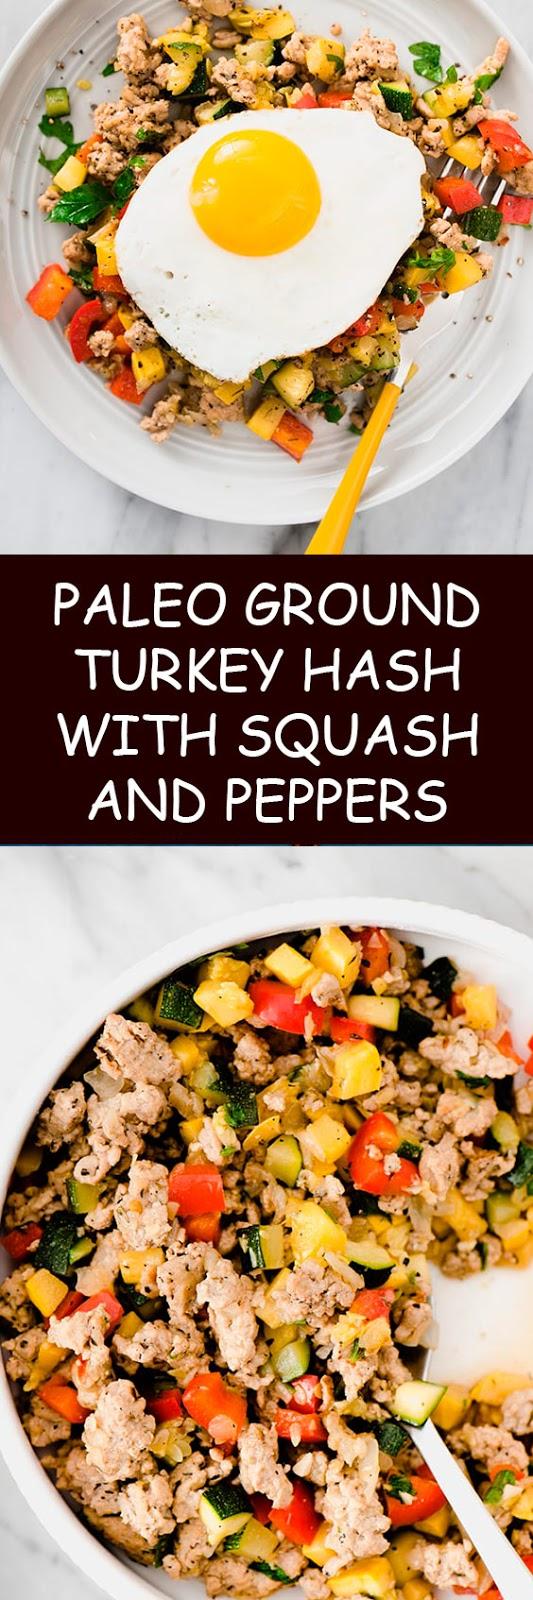 Paleo and Whole30 Ground Turkey Hash